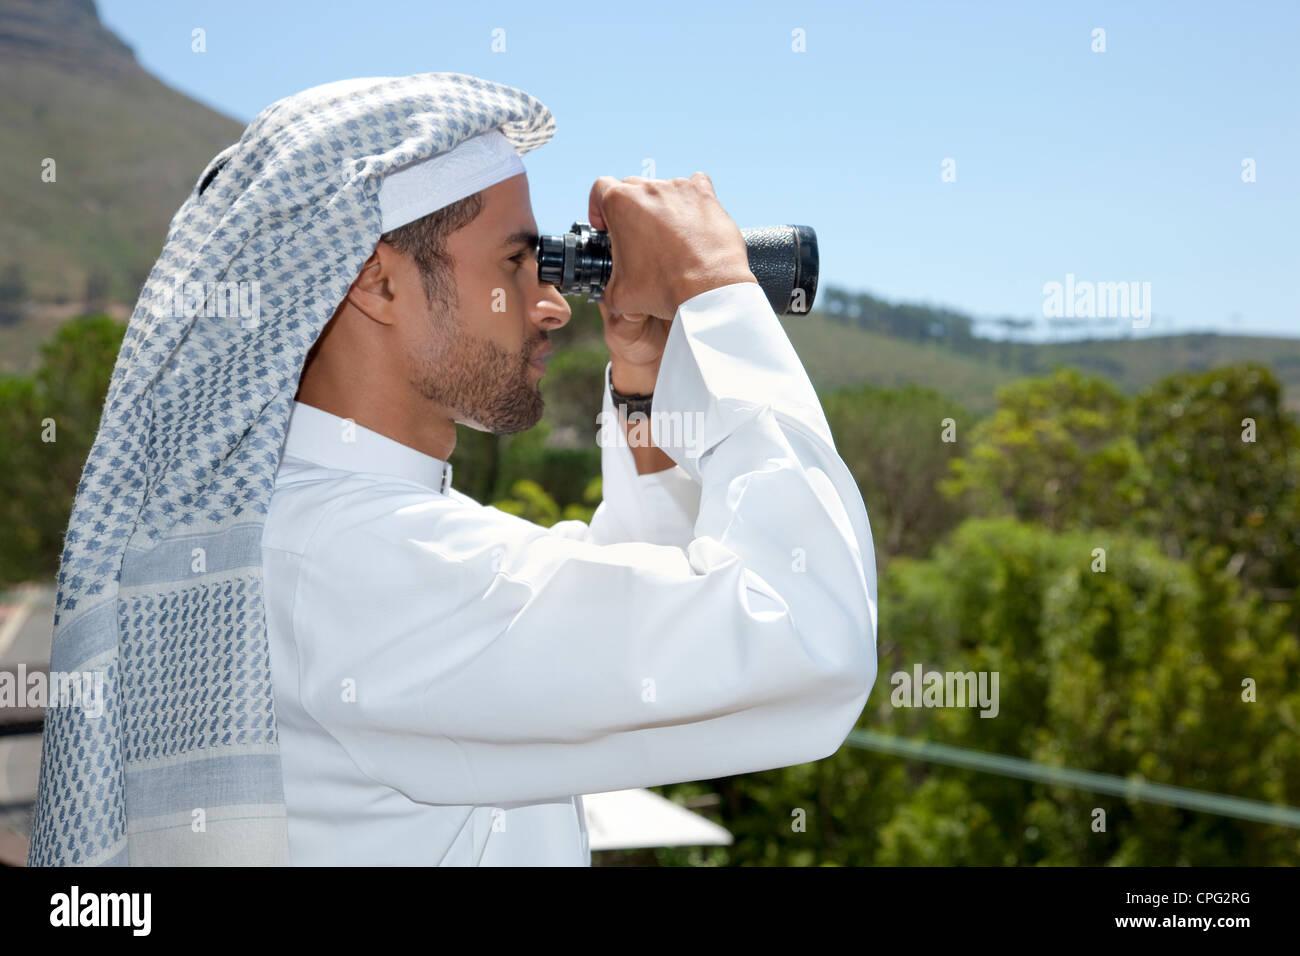 Arabische Mann mit dem Fernglas, stehend auf dem Balkon. Stockbild